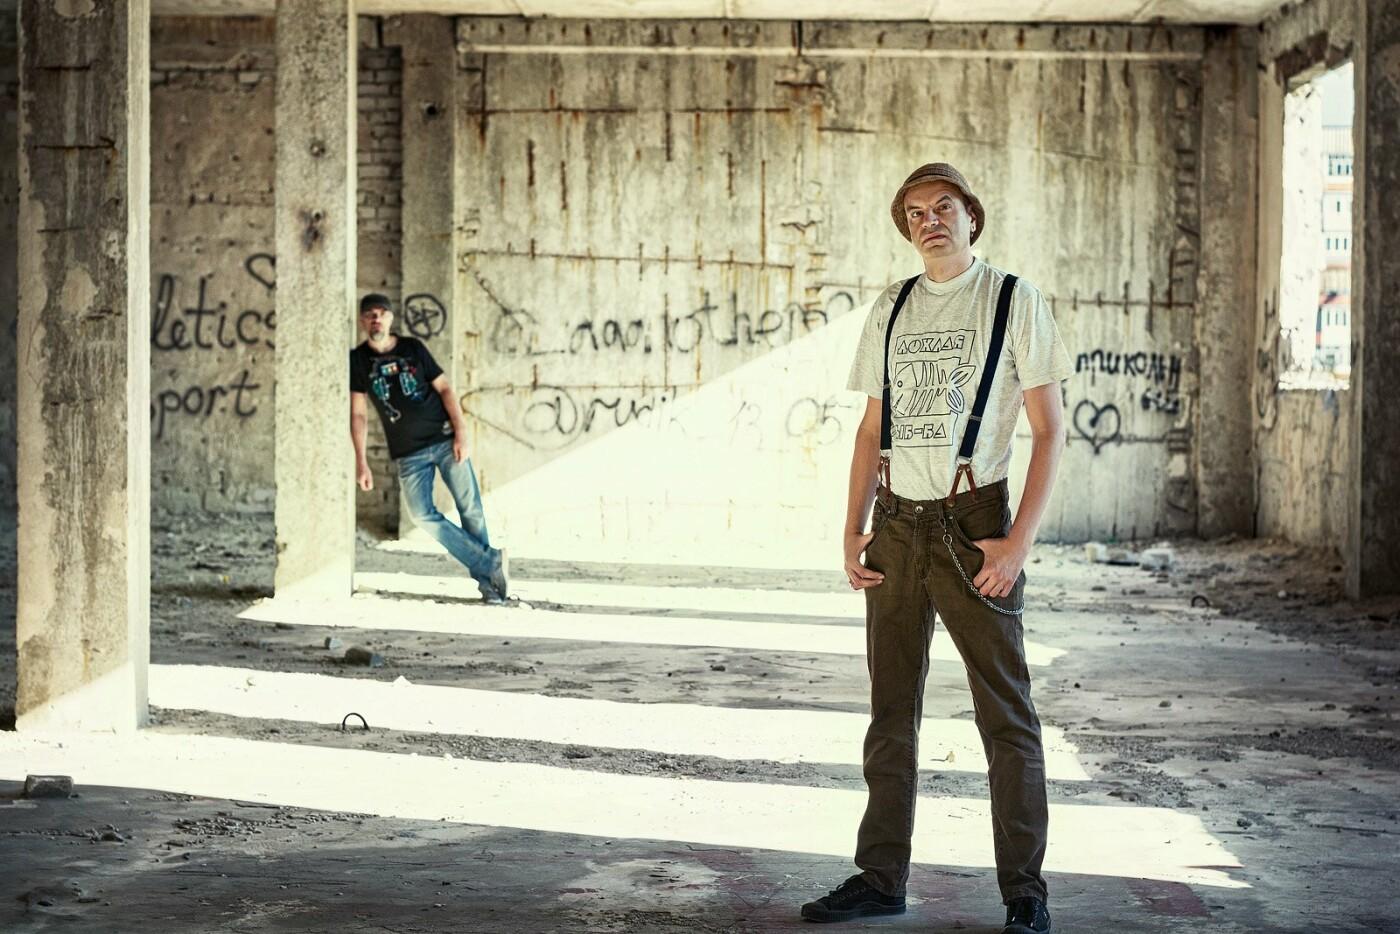 «Менделеев ошибался» - глоток музыкального «неформата» на просторах Северодонецка, фото-9